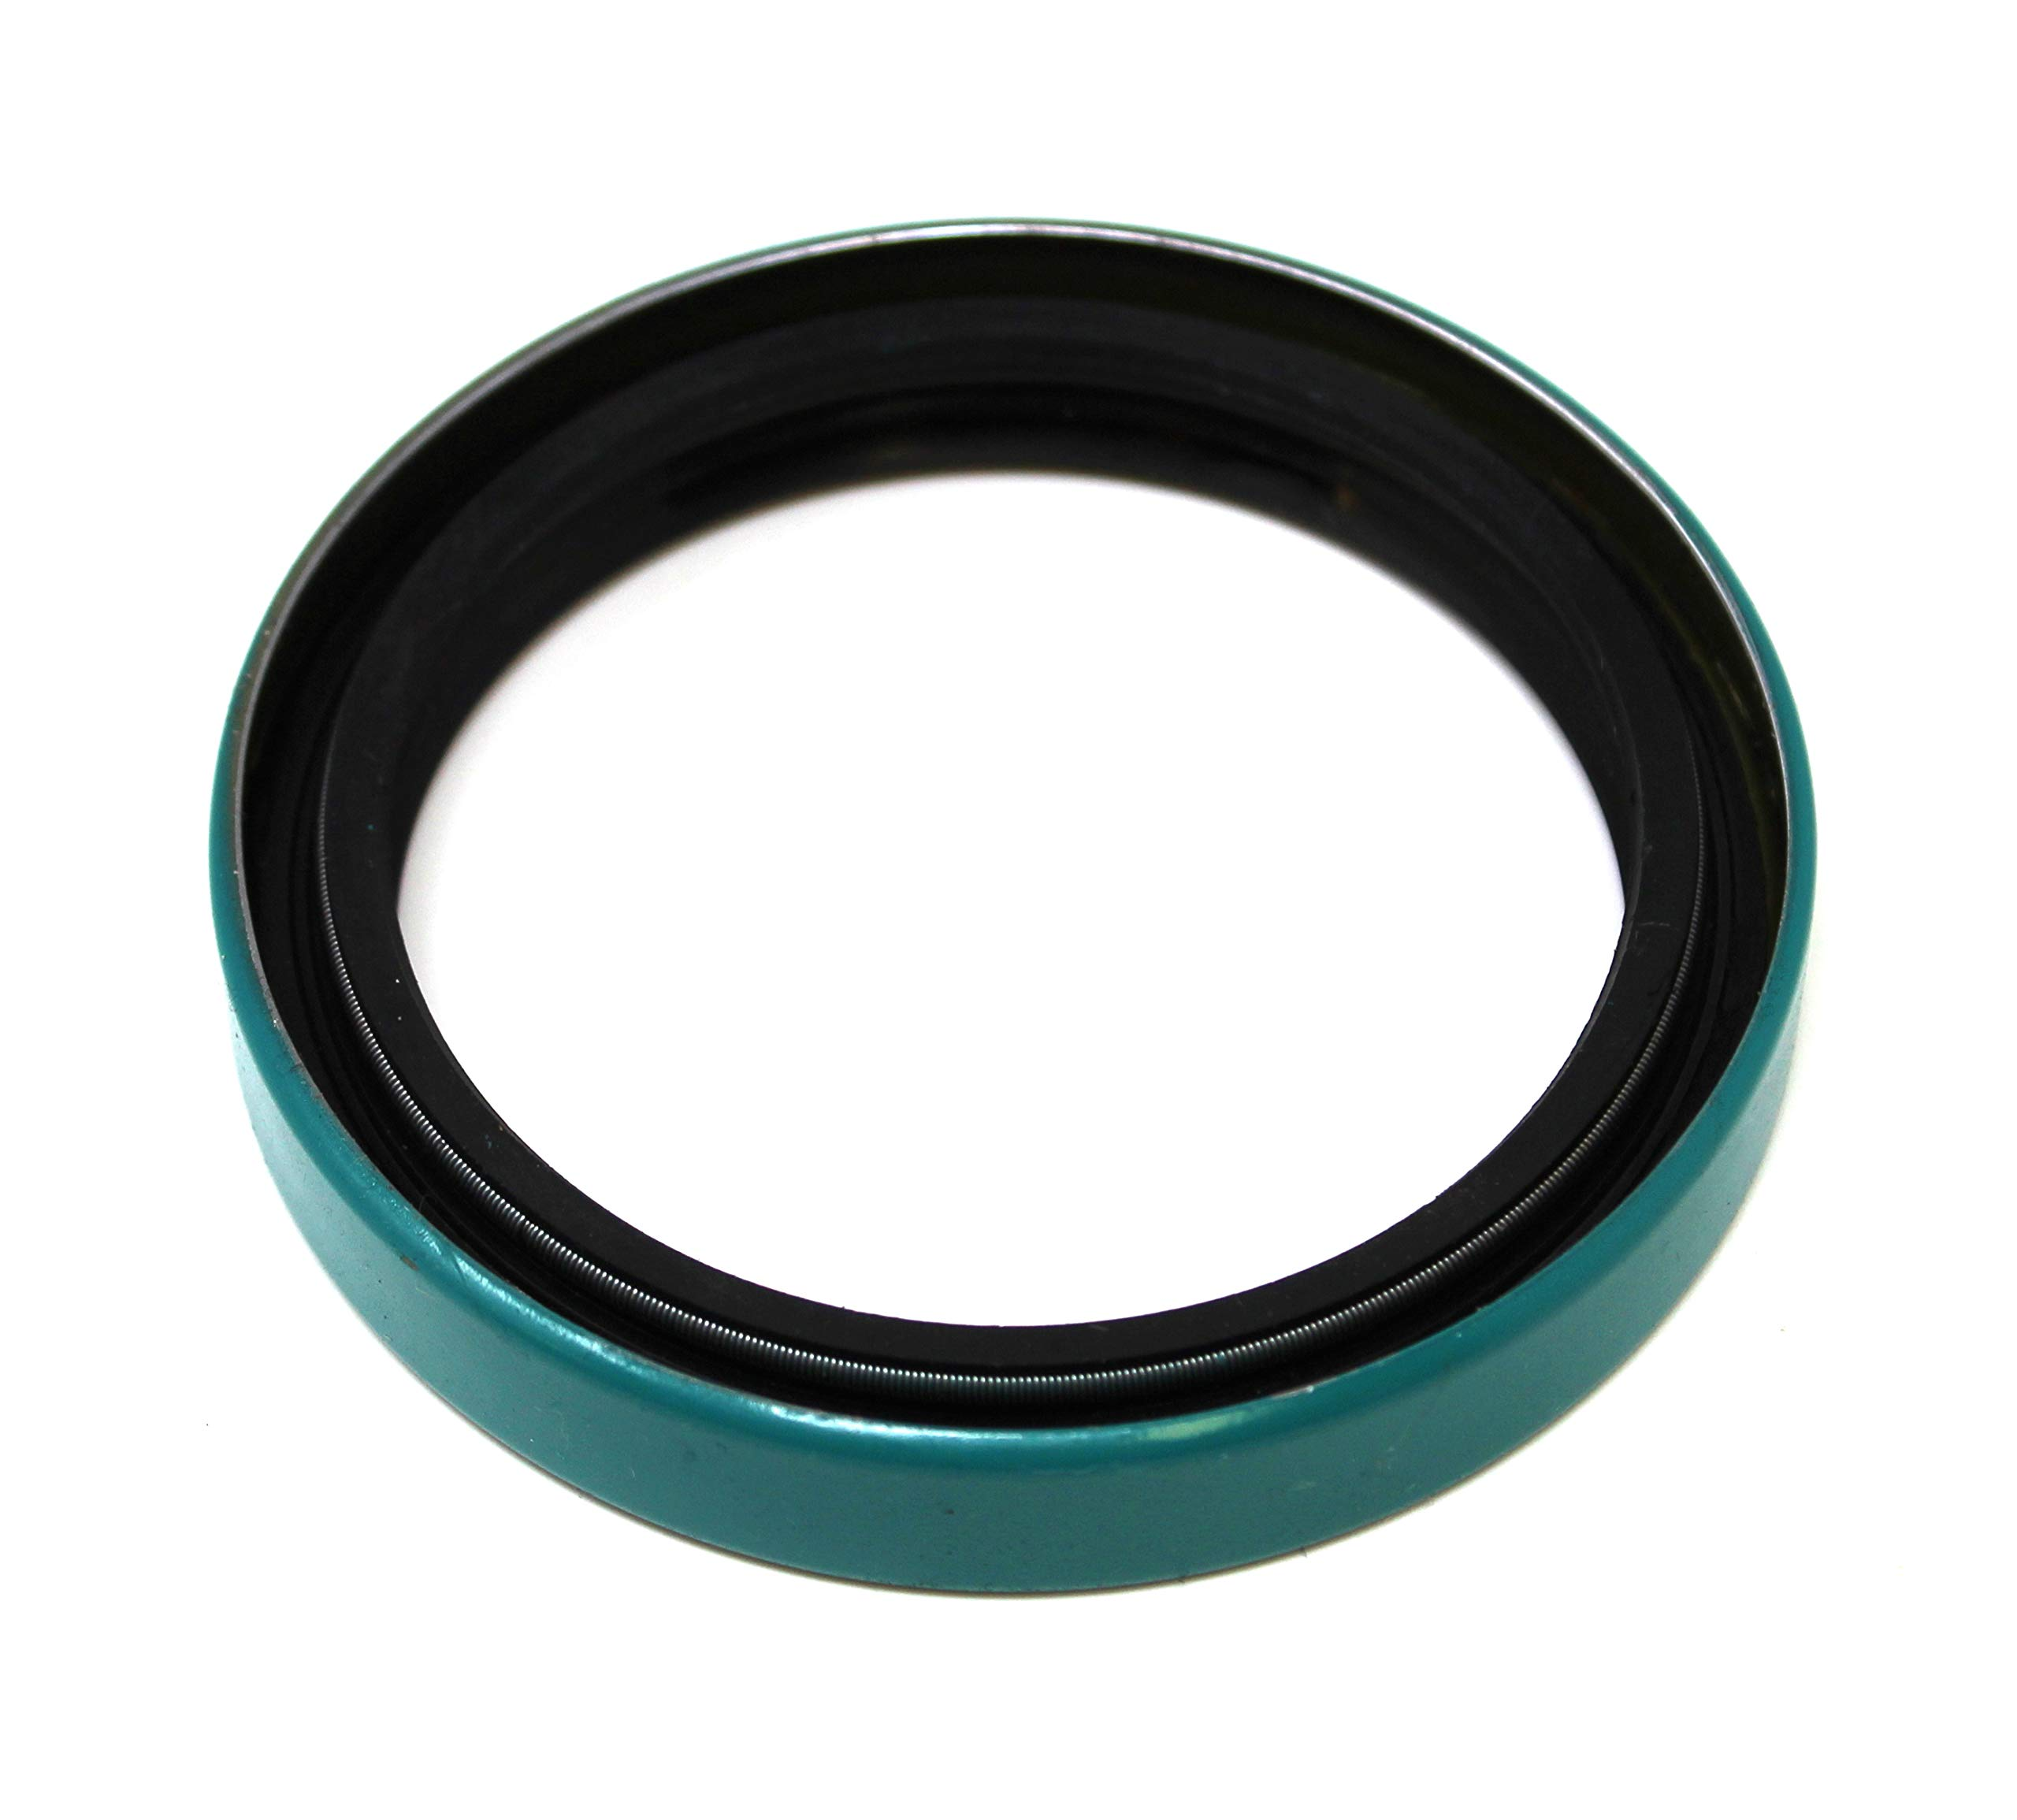 JSP 3610019 Aftermarket Front Wheel Hub Clutch Seal for Polaris ATV OEM# 3610019